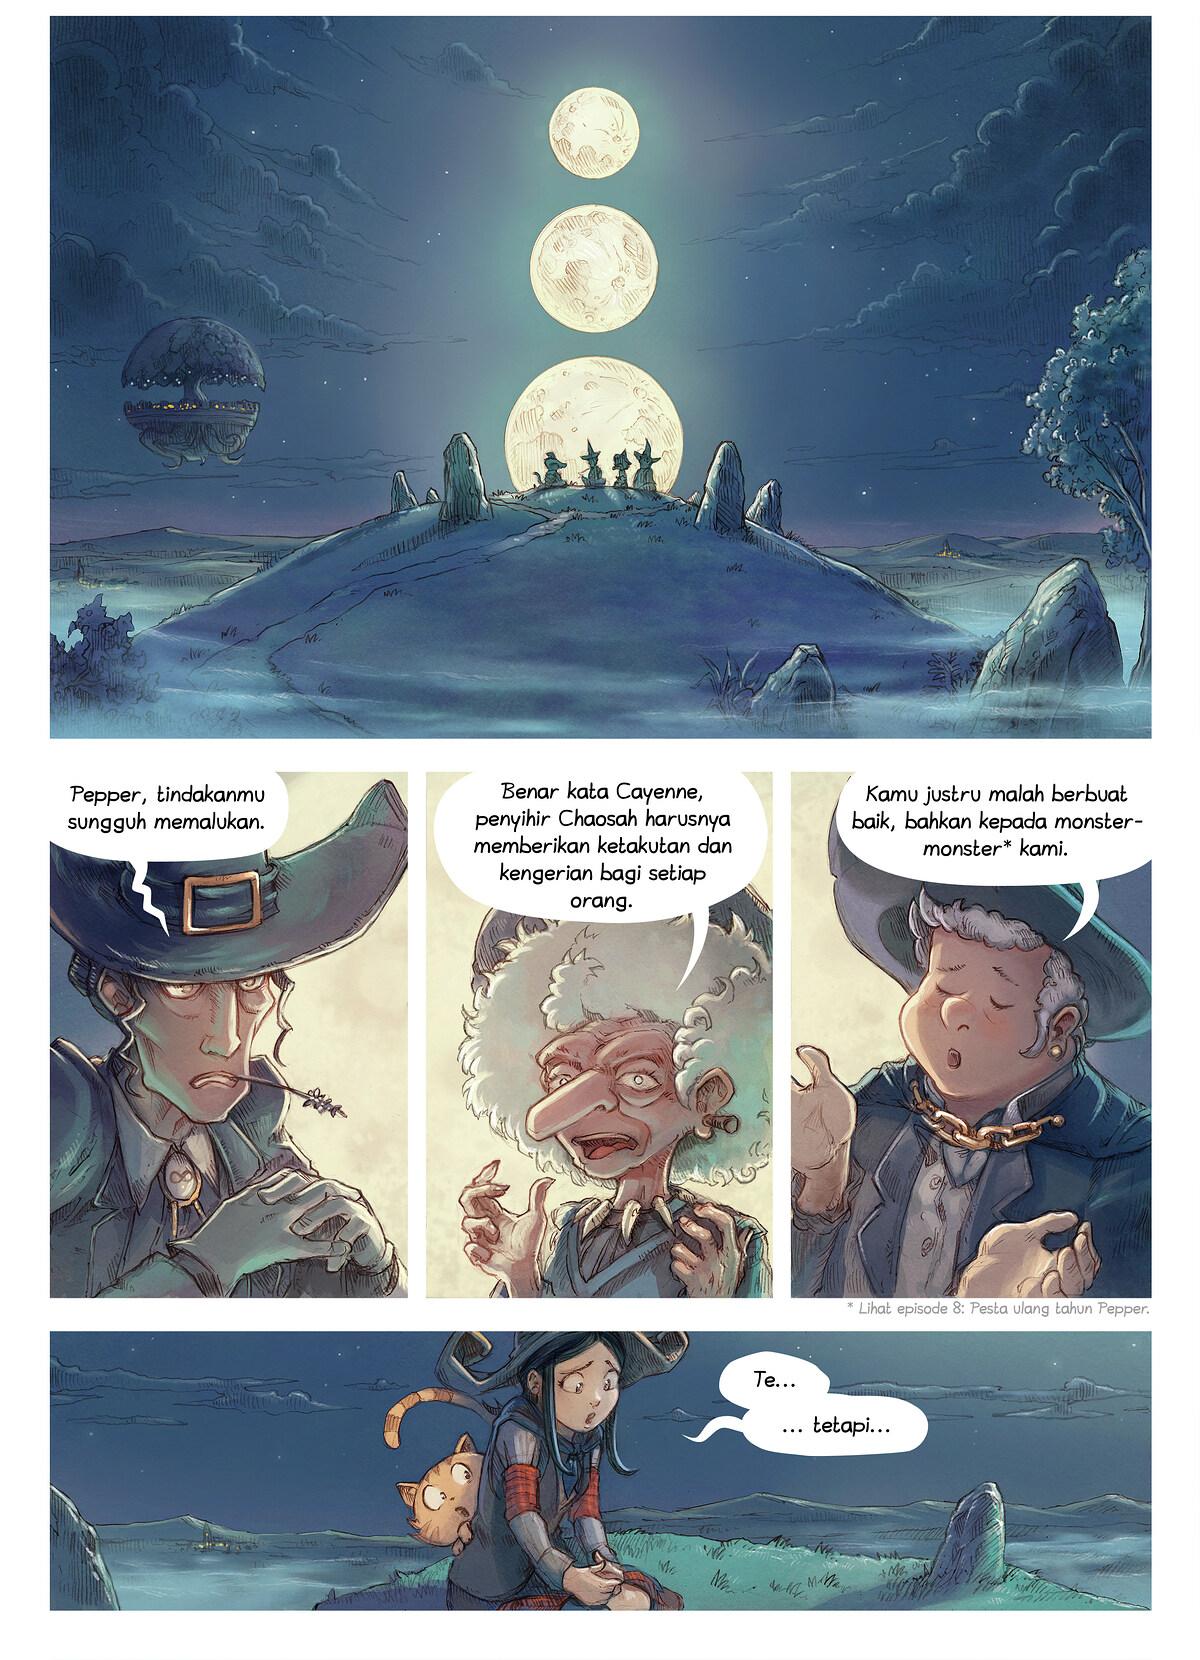 Episode 11: Penyihir Chaosah, Page 1